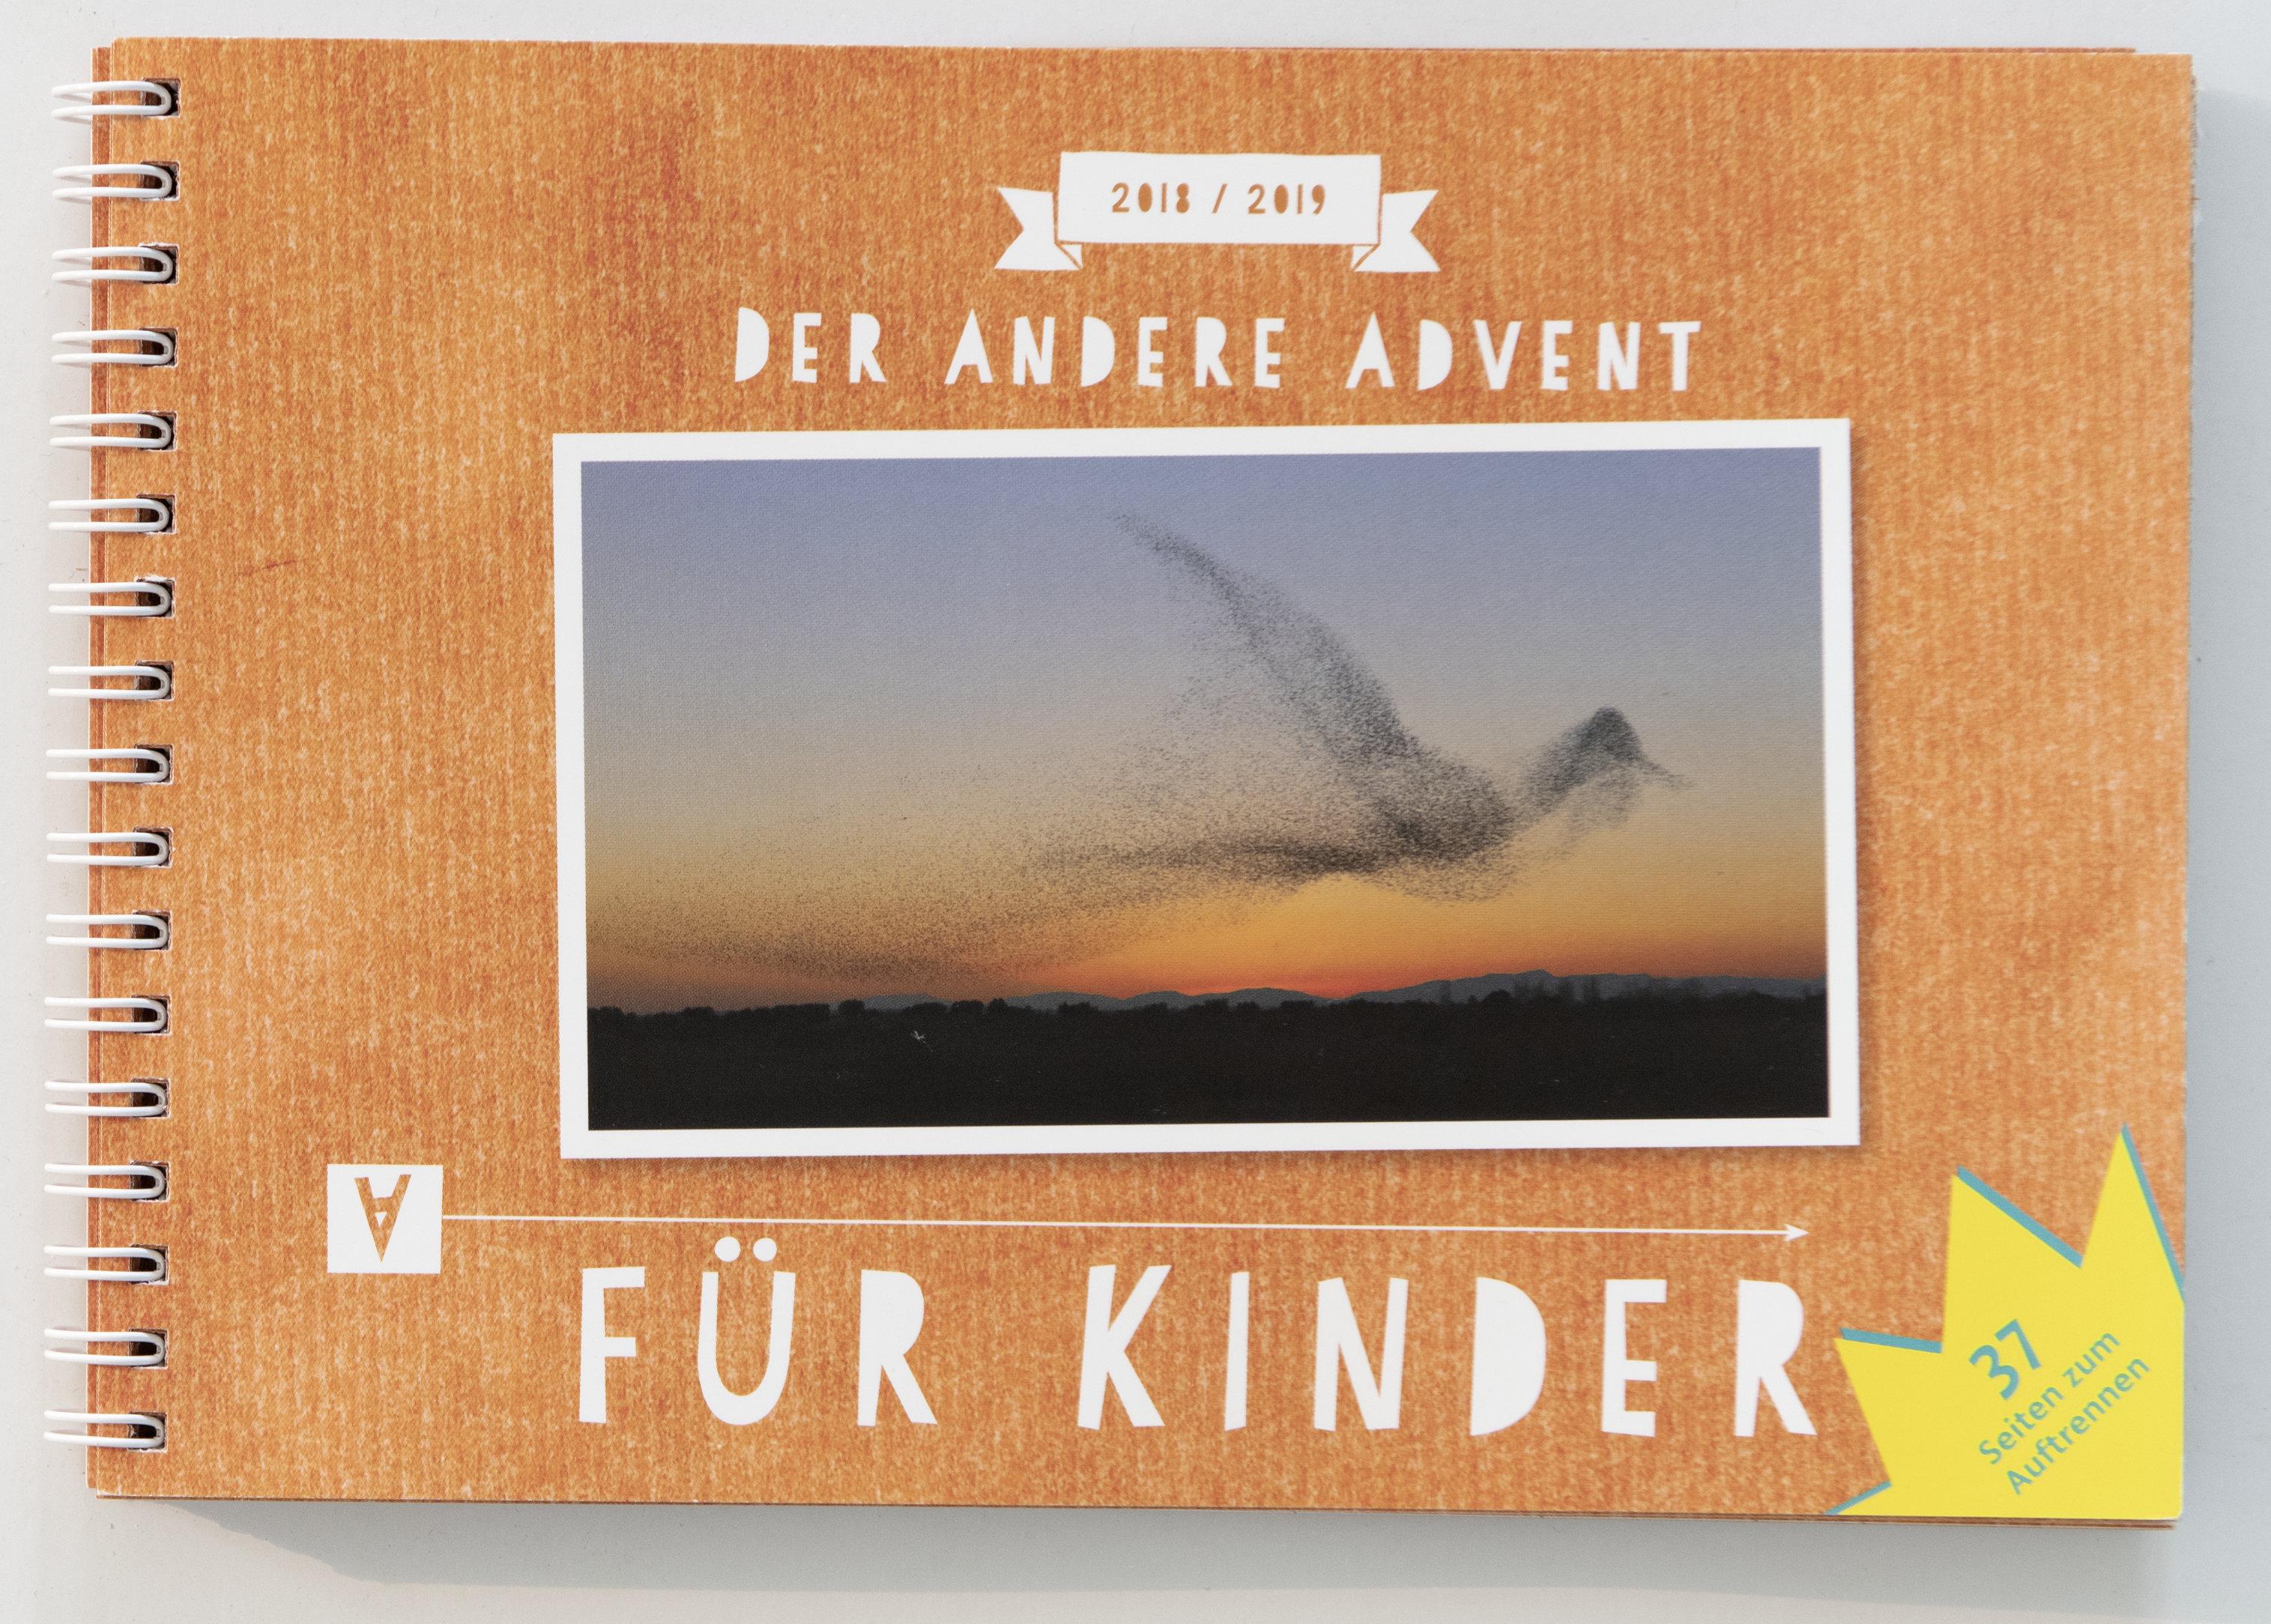 Das Titelblatt des Kinderkalenders zeigt wie Der Andere Advent das Foto eines Starenschwarms, der einen Vogel am Himmel formt